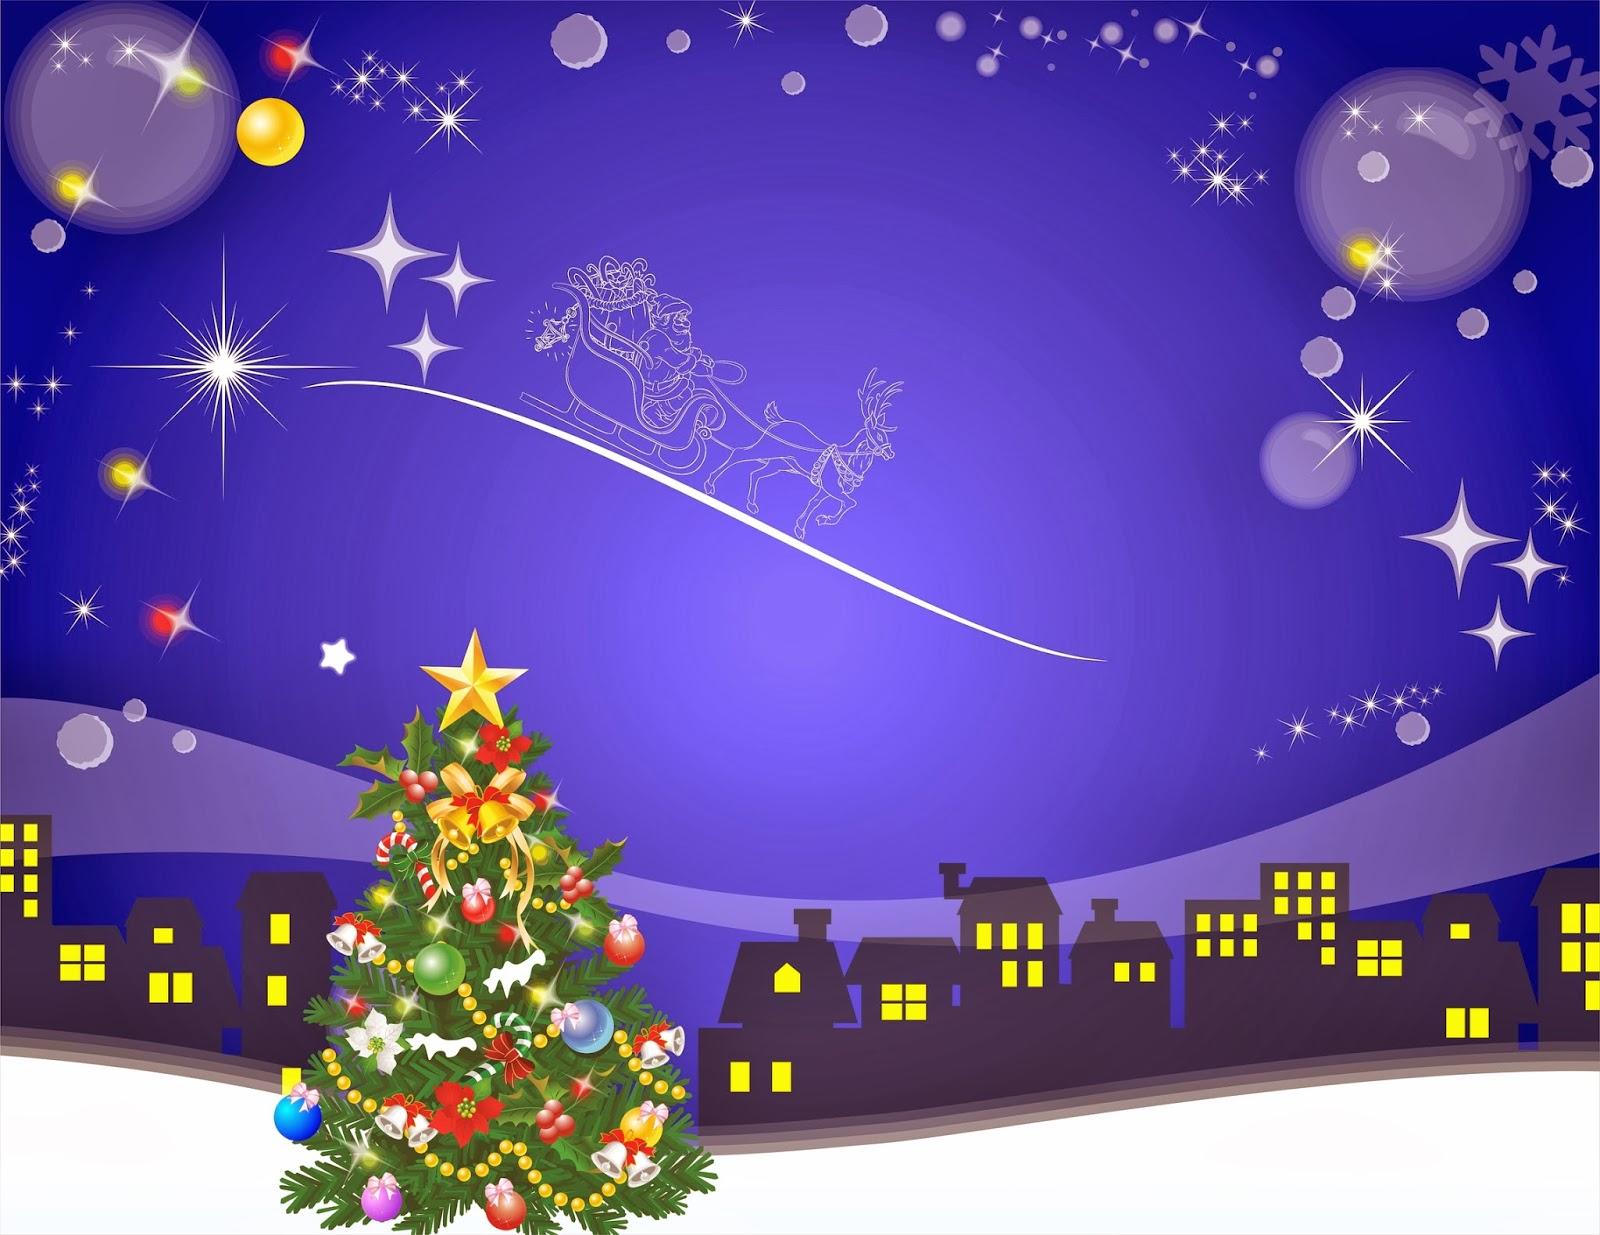 Navidad navidad pinterest - Esferas de navidad ...